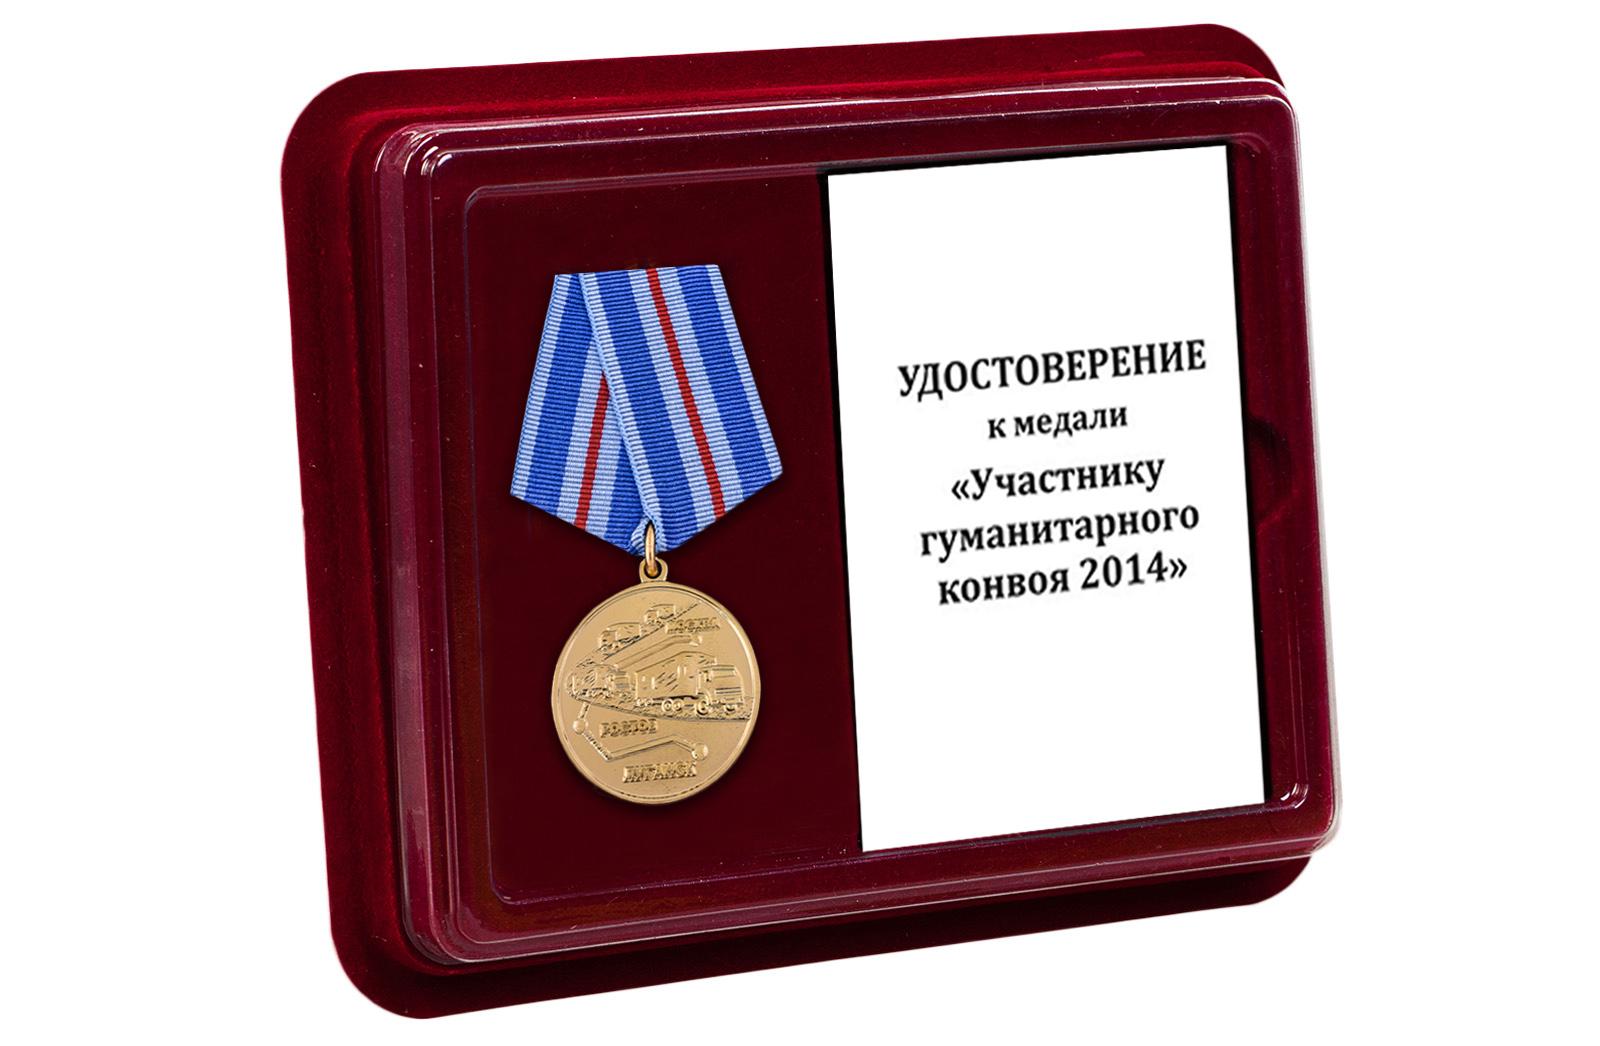 Купить медаль Участнику гуманитарного конвоя 2014 онлайн выгодно